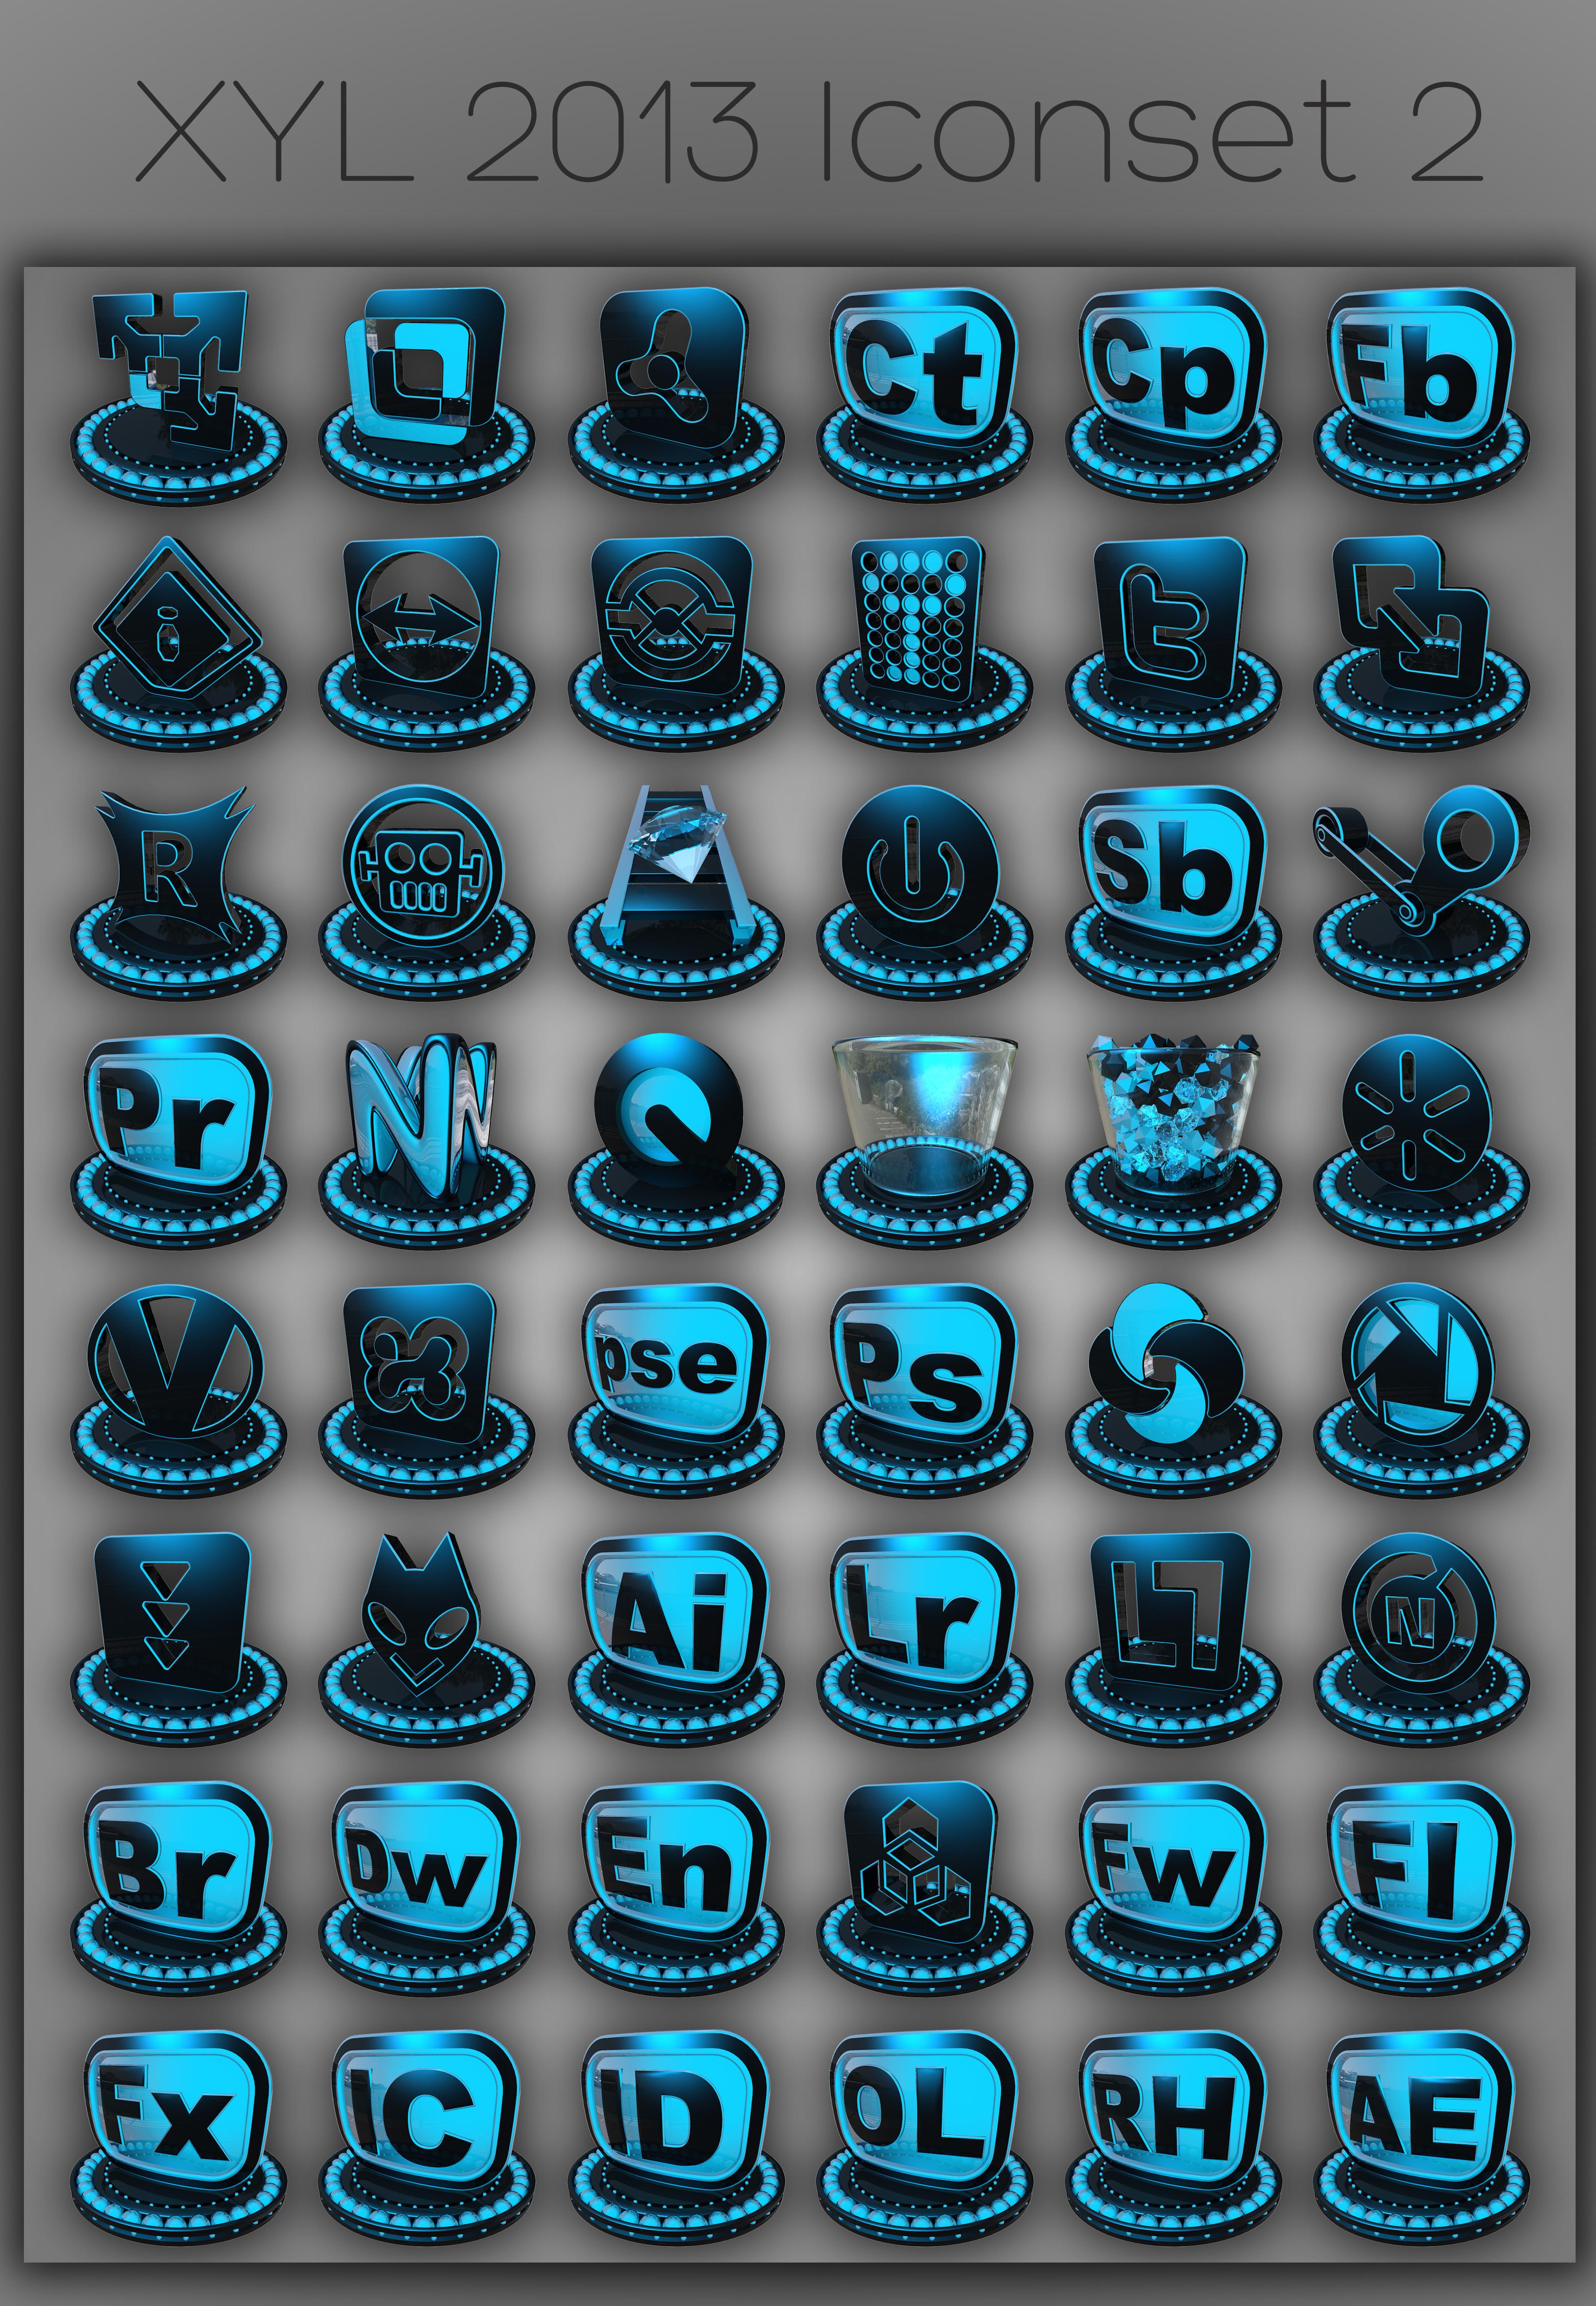 XYL 2013 Iconset 2 by xylomon